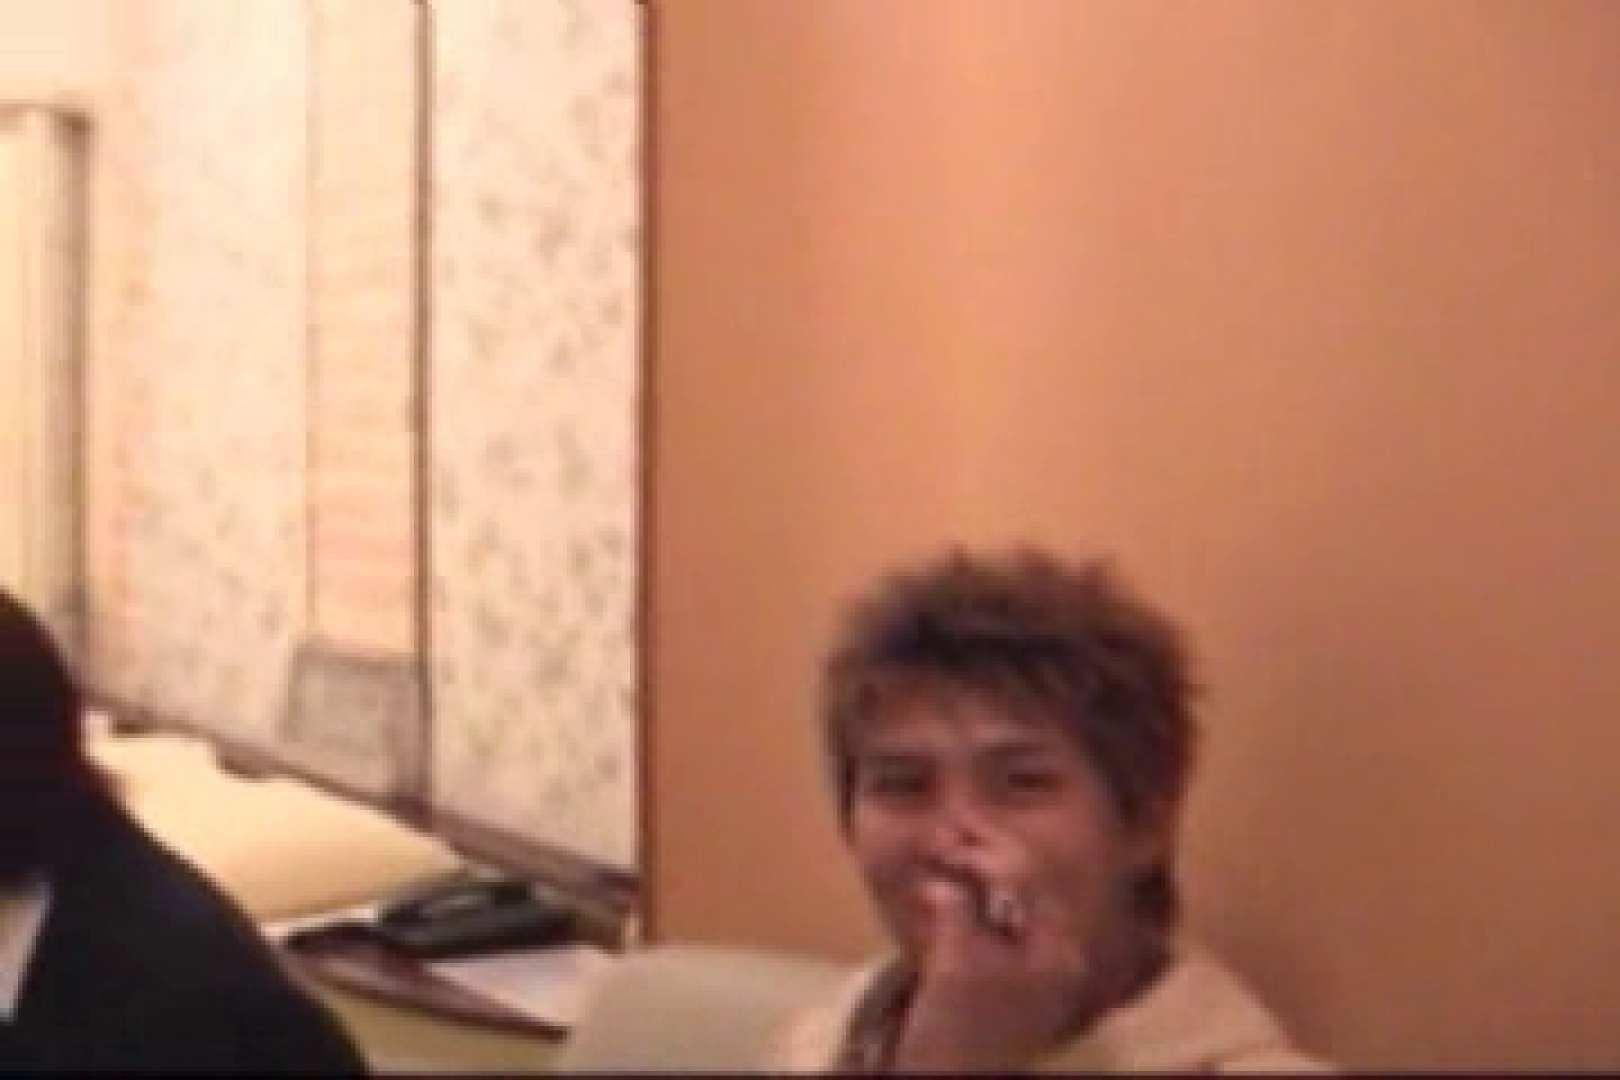 【流出】ジャニ系イケメン!!フライング&アナルが痛くて出来ません!! アナル特集 ゲイフリーエロ画像 83枚 49